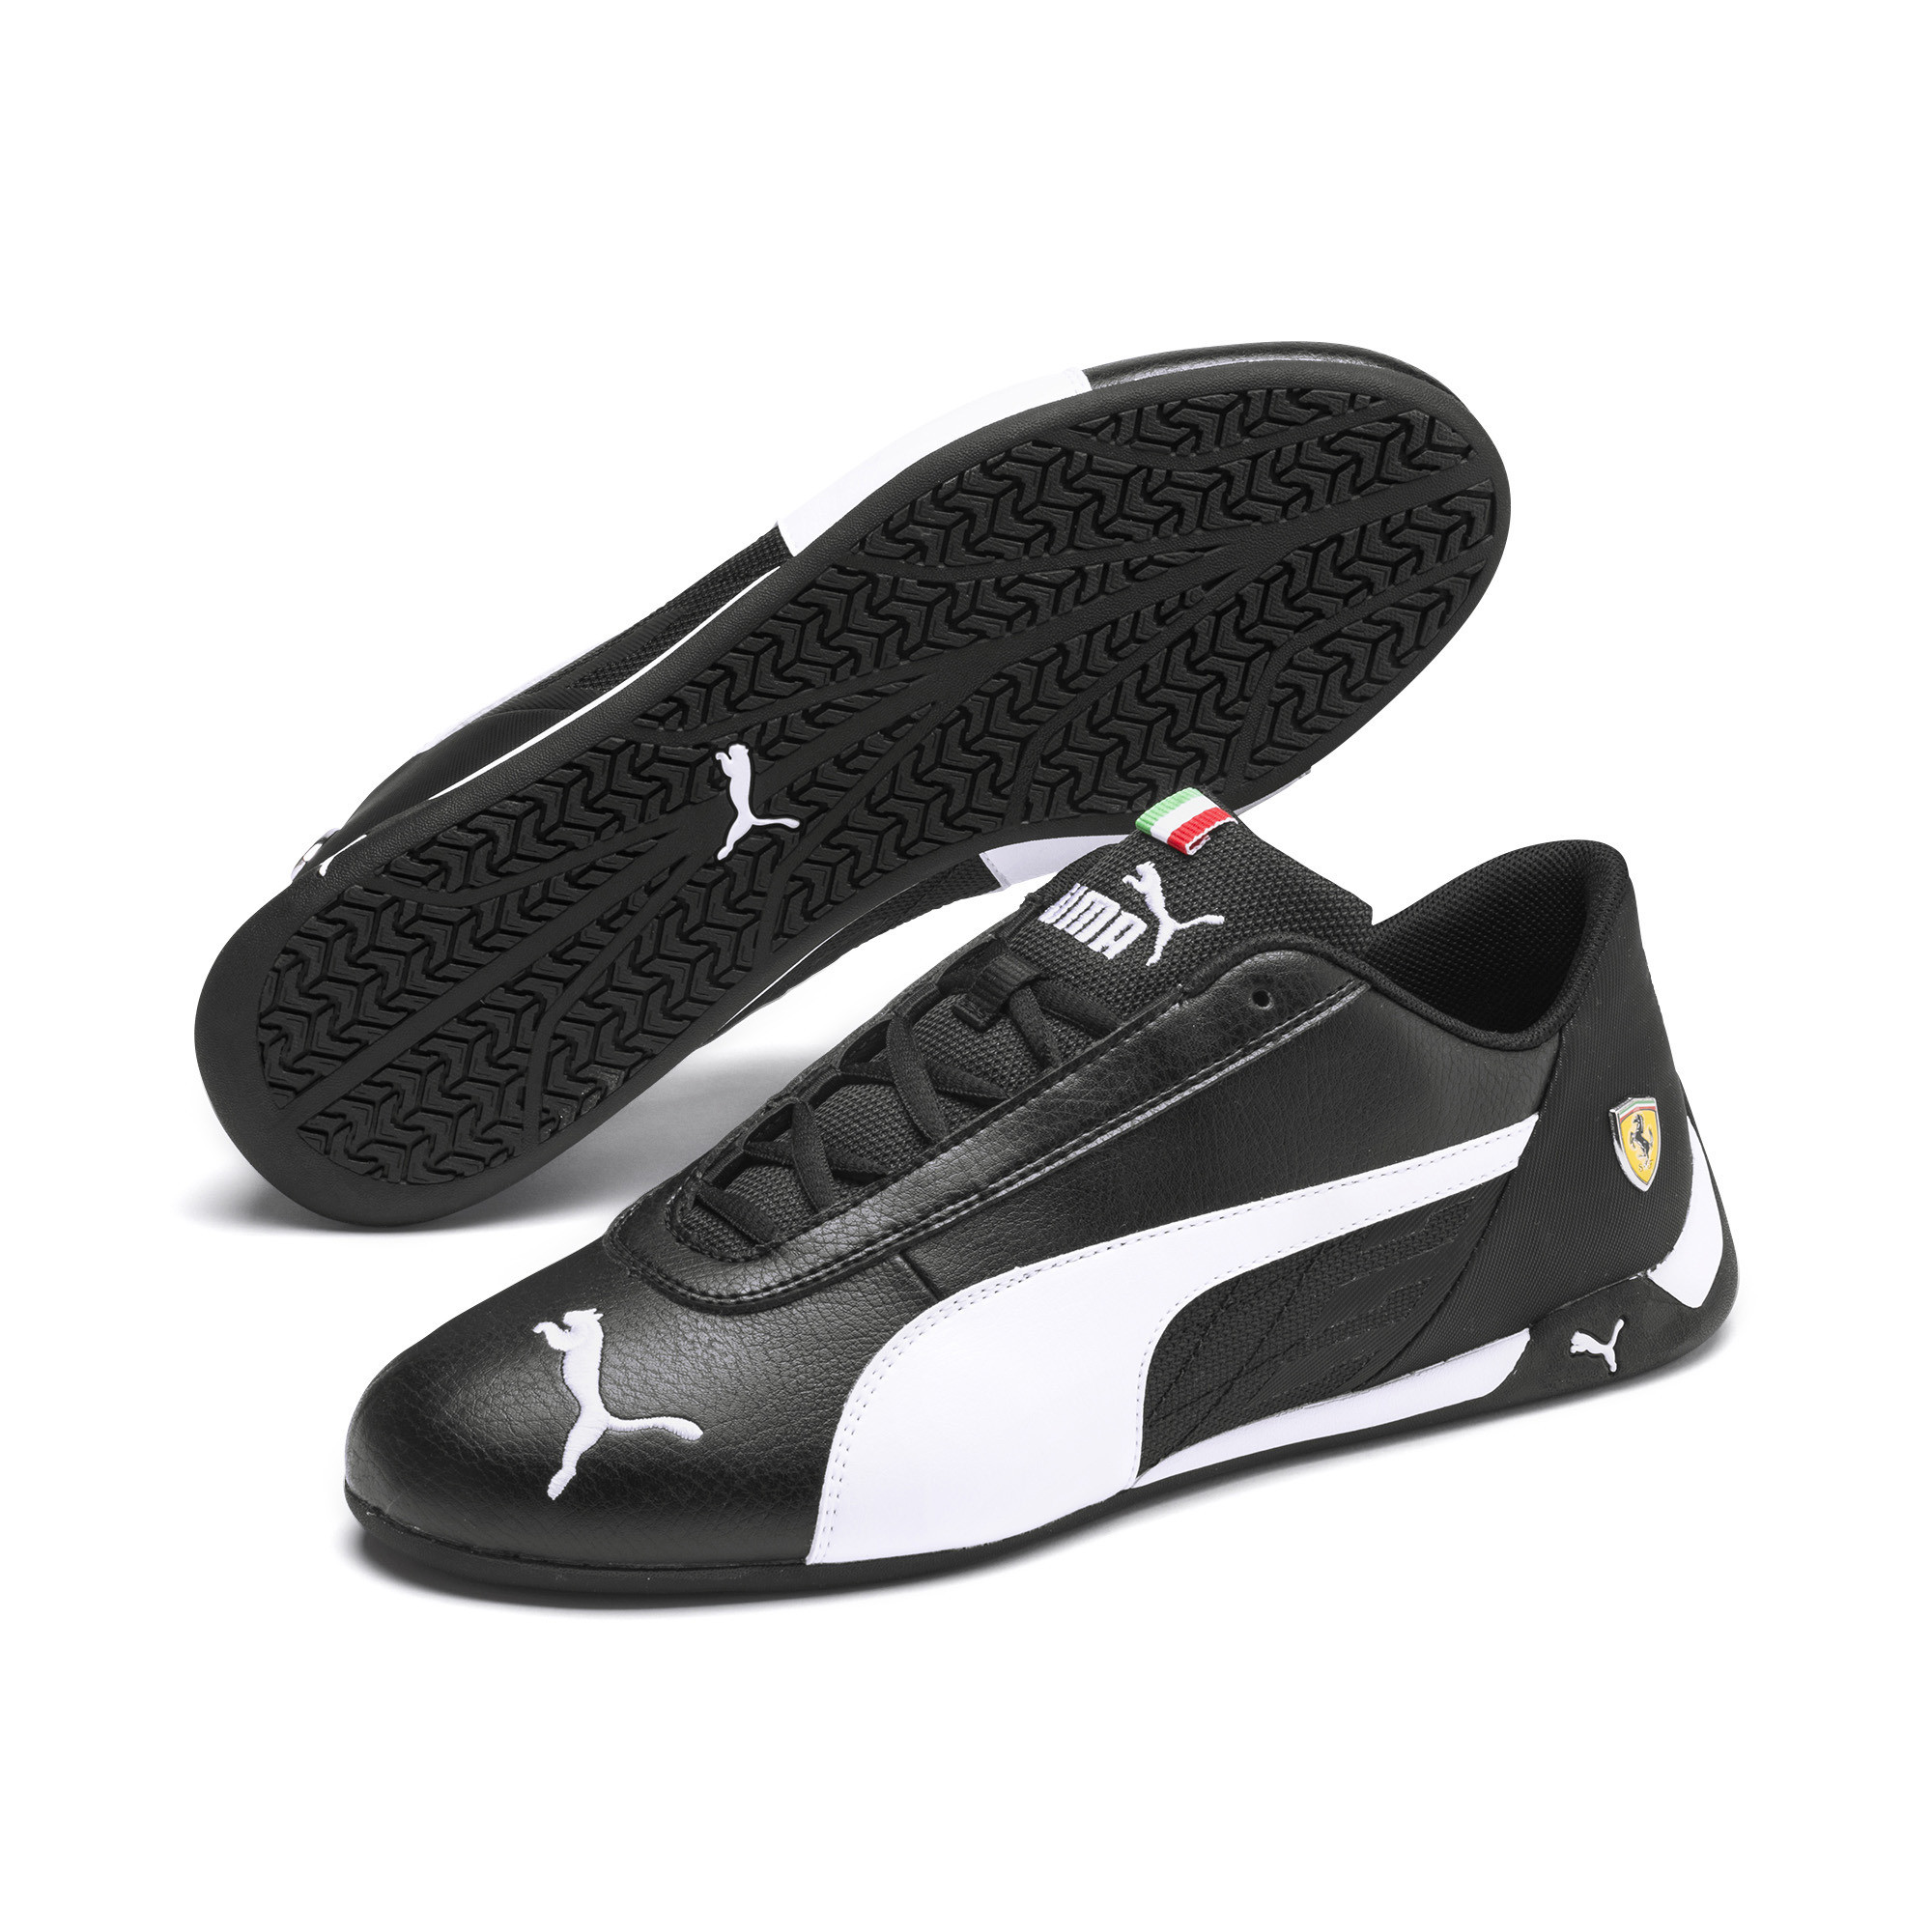 PUMA-Men-039-s-Scuderia-Ferrari-R-Cat-Motorsport-Shoes